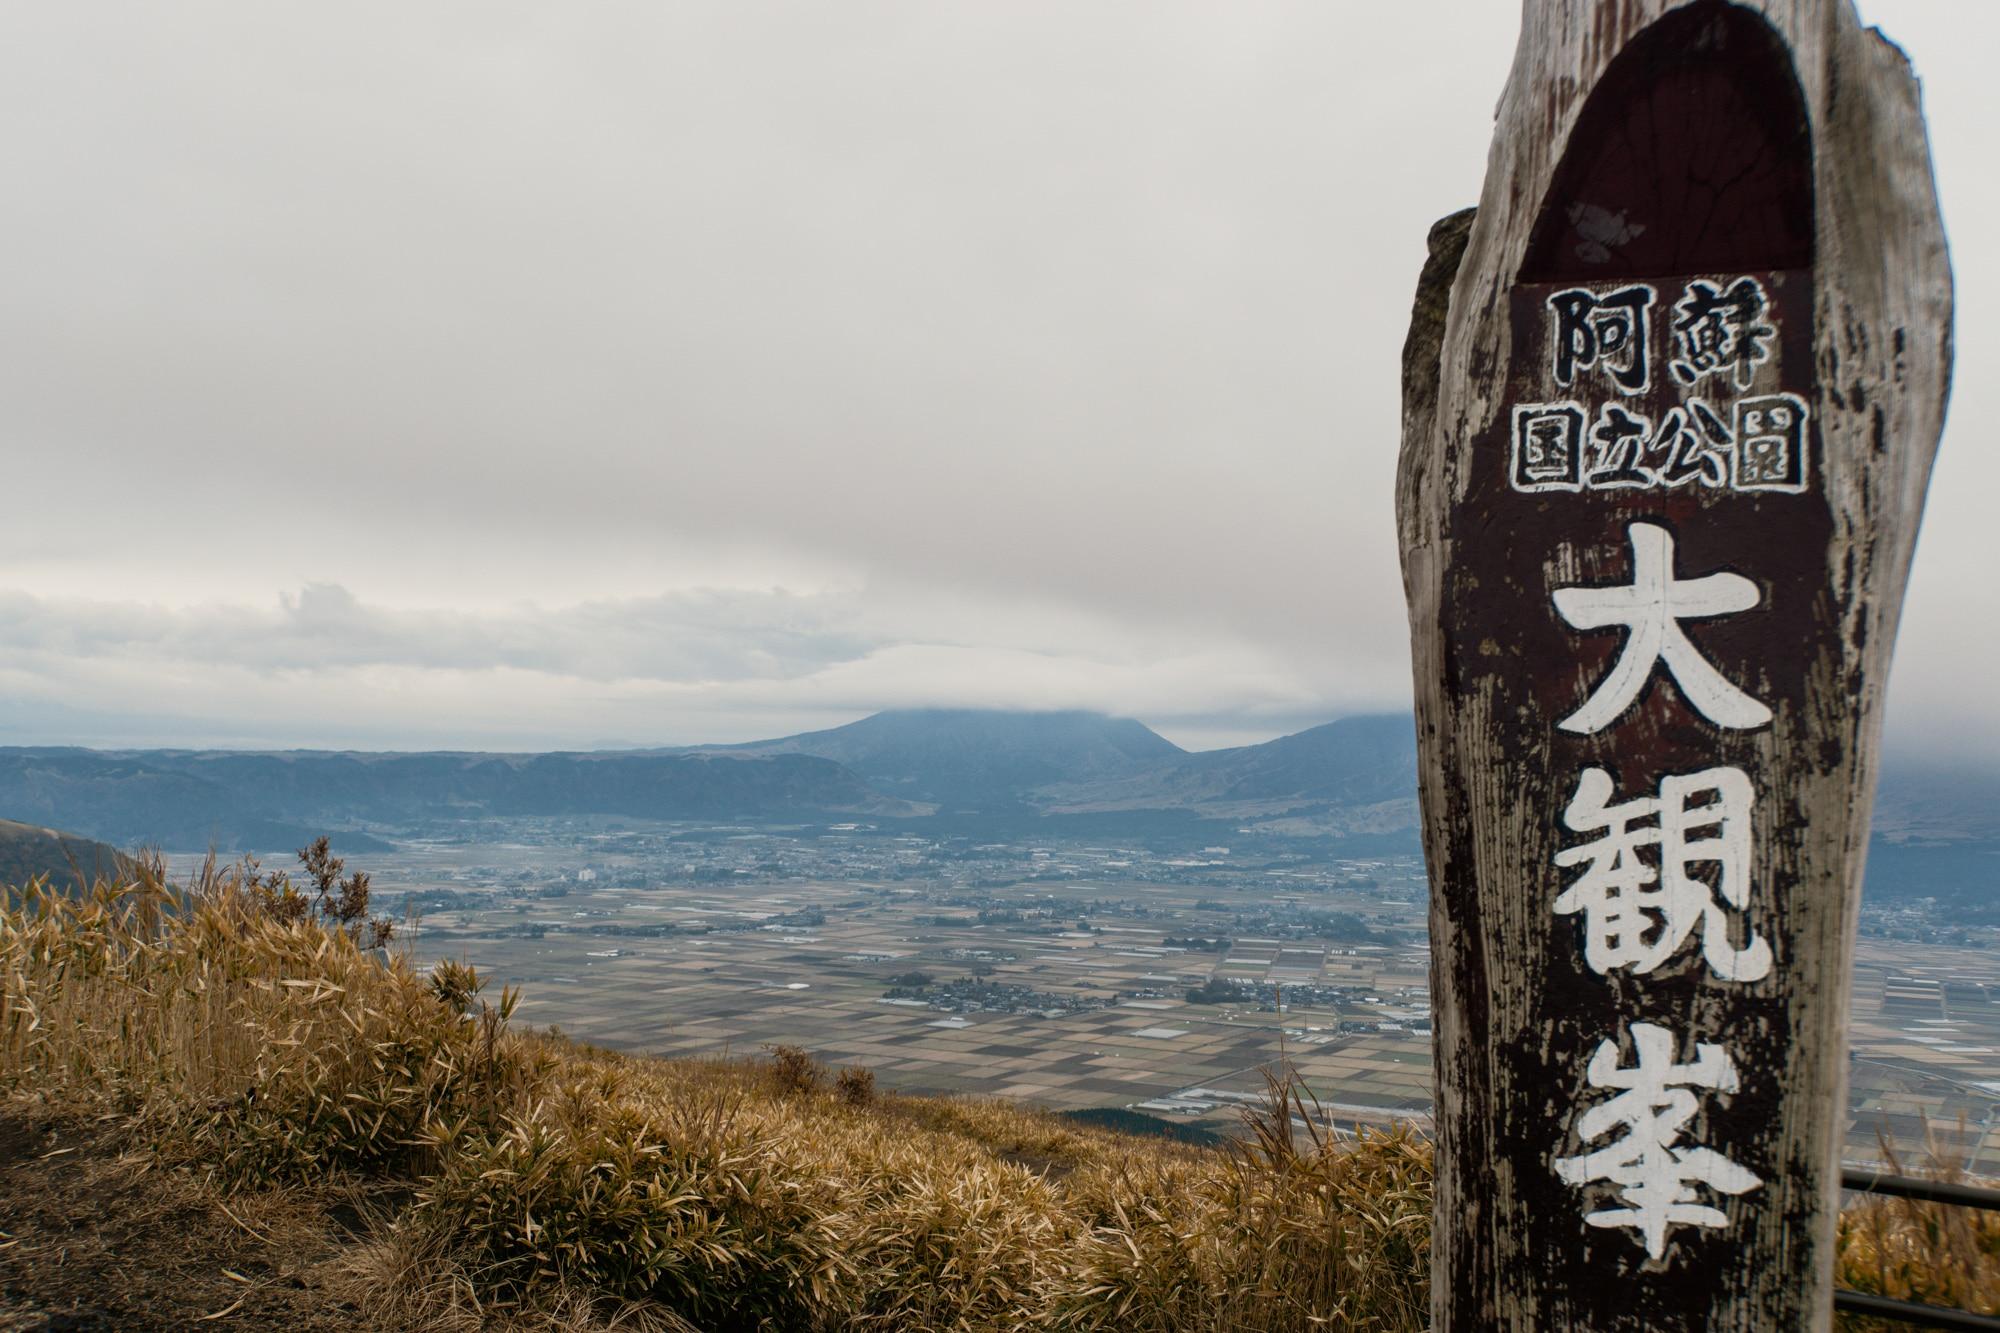 japanisch japan reine durchsucht